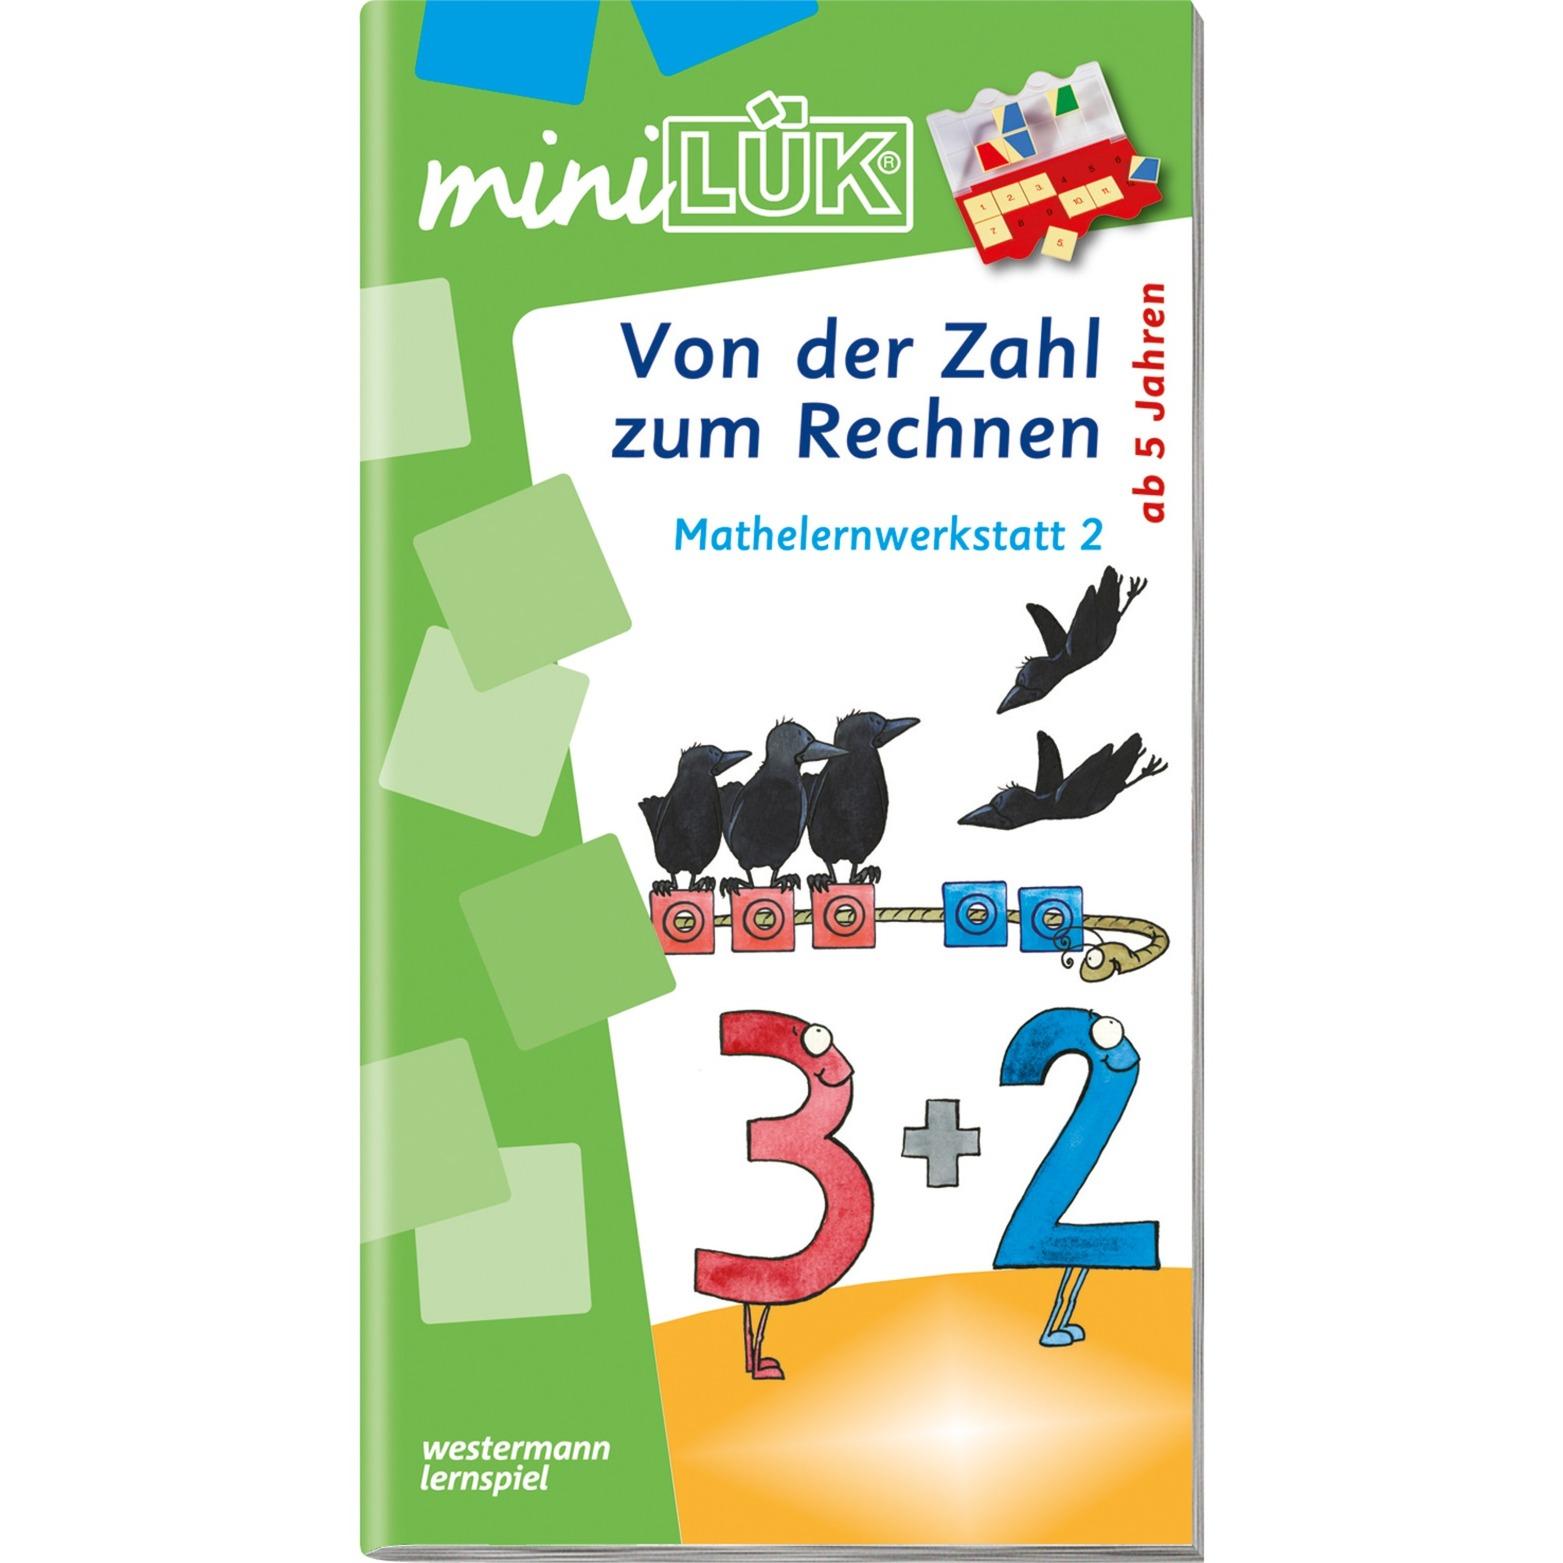 WESTERMANN miniLÜK-Heft: Von der Zahl zum Rechnen, Lernbuch